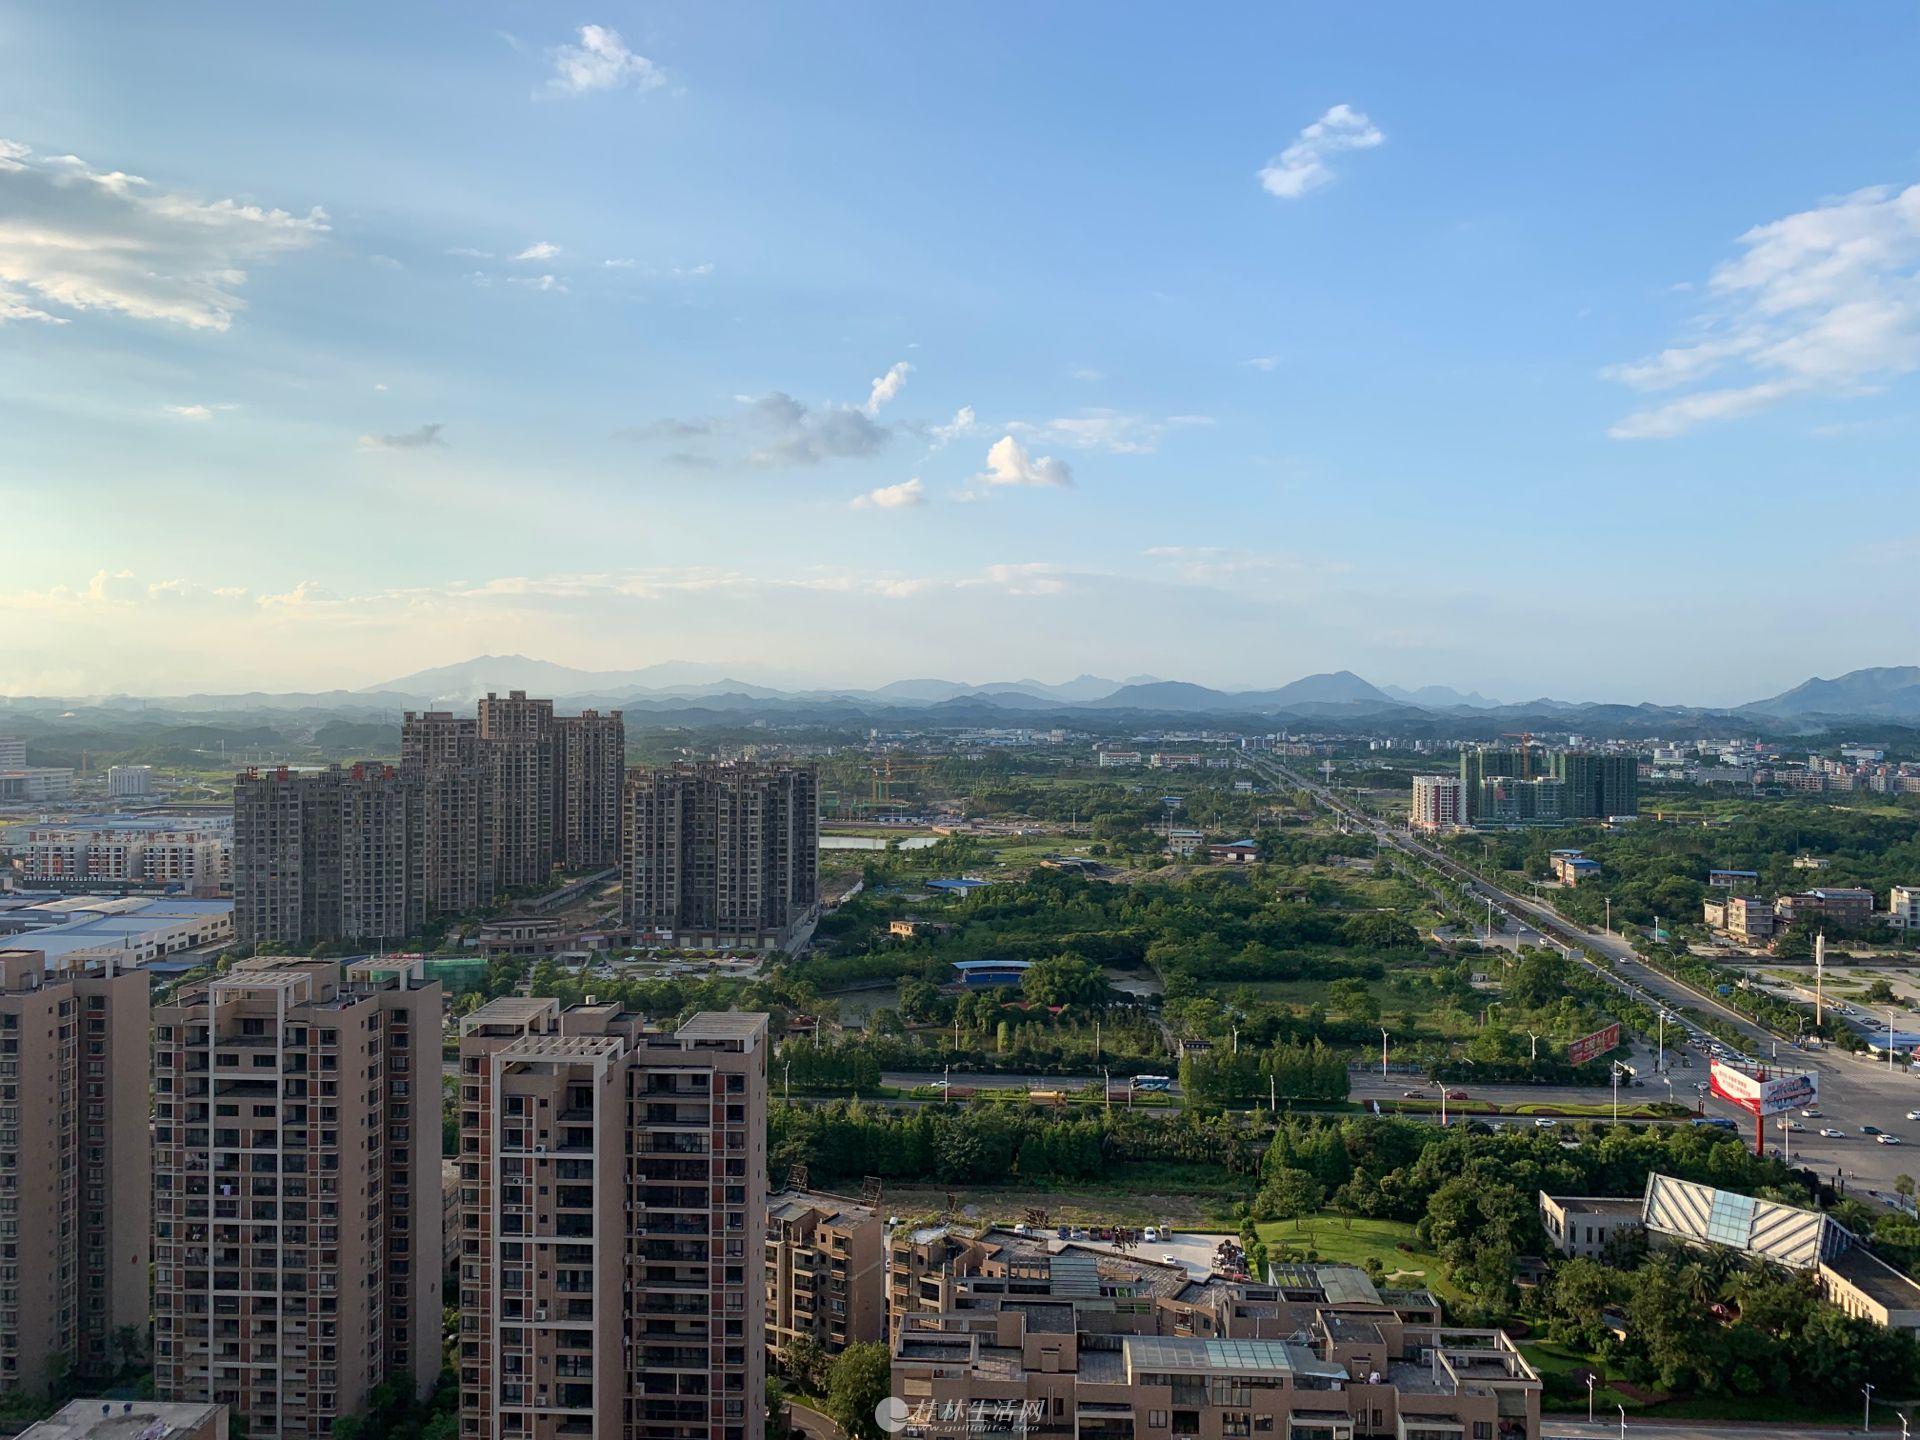 临桂兴荣郡2栋公寓33层精装单间出租